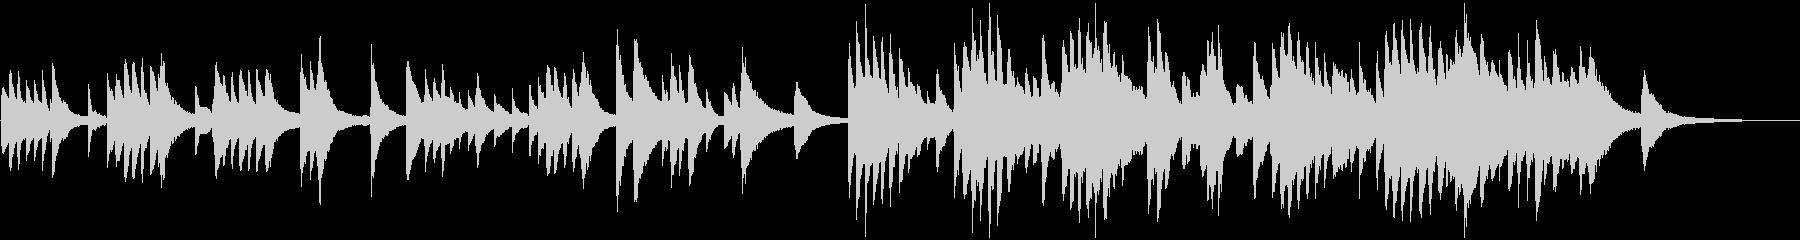 アンニュイで物憂げなピアノソロの未再生の波形